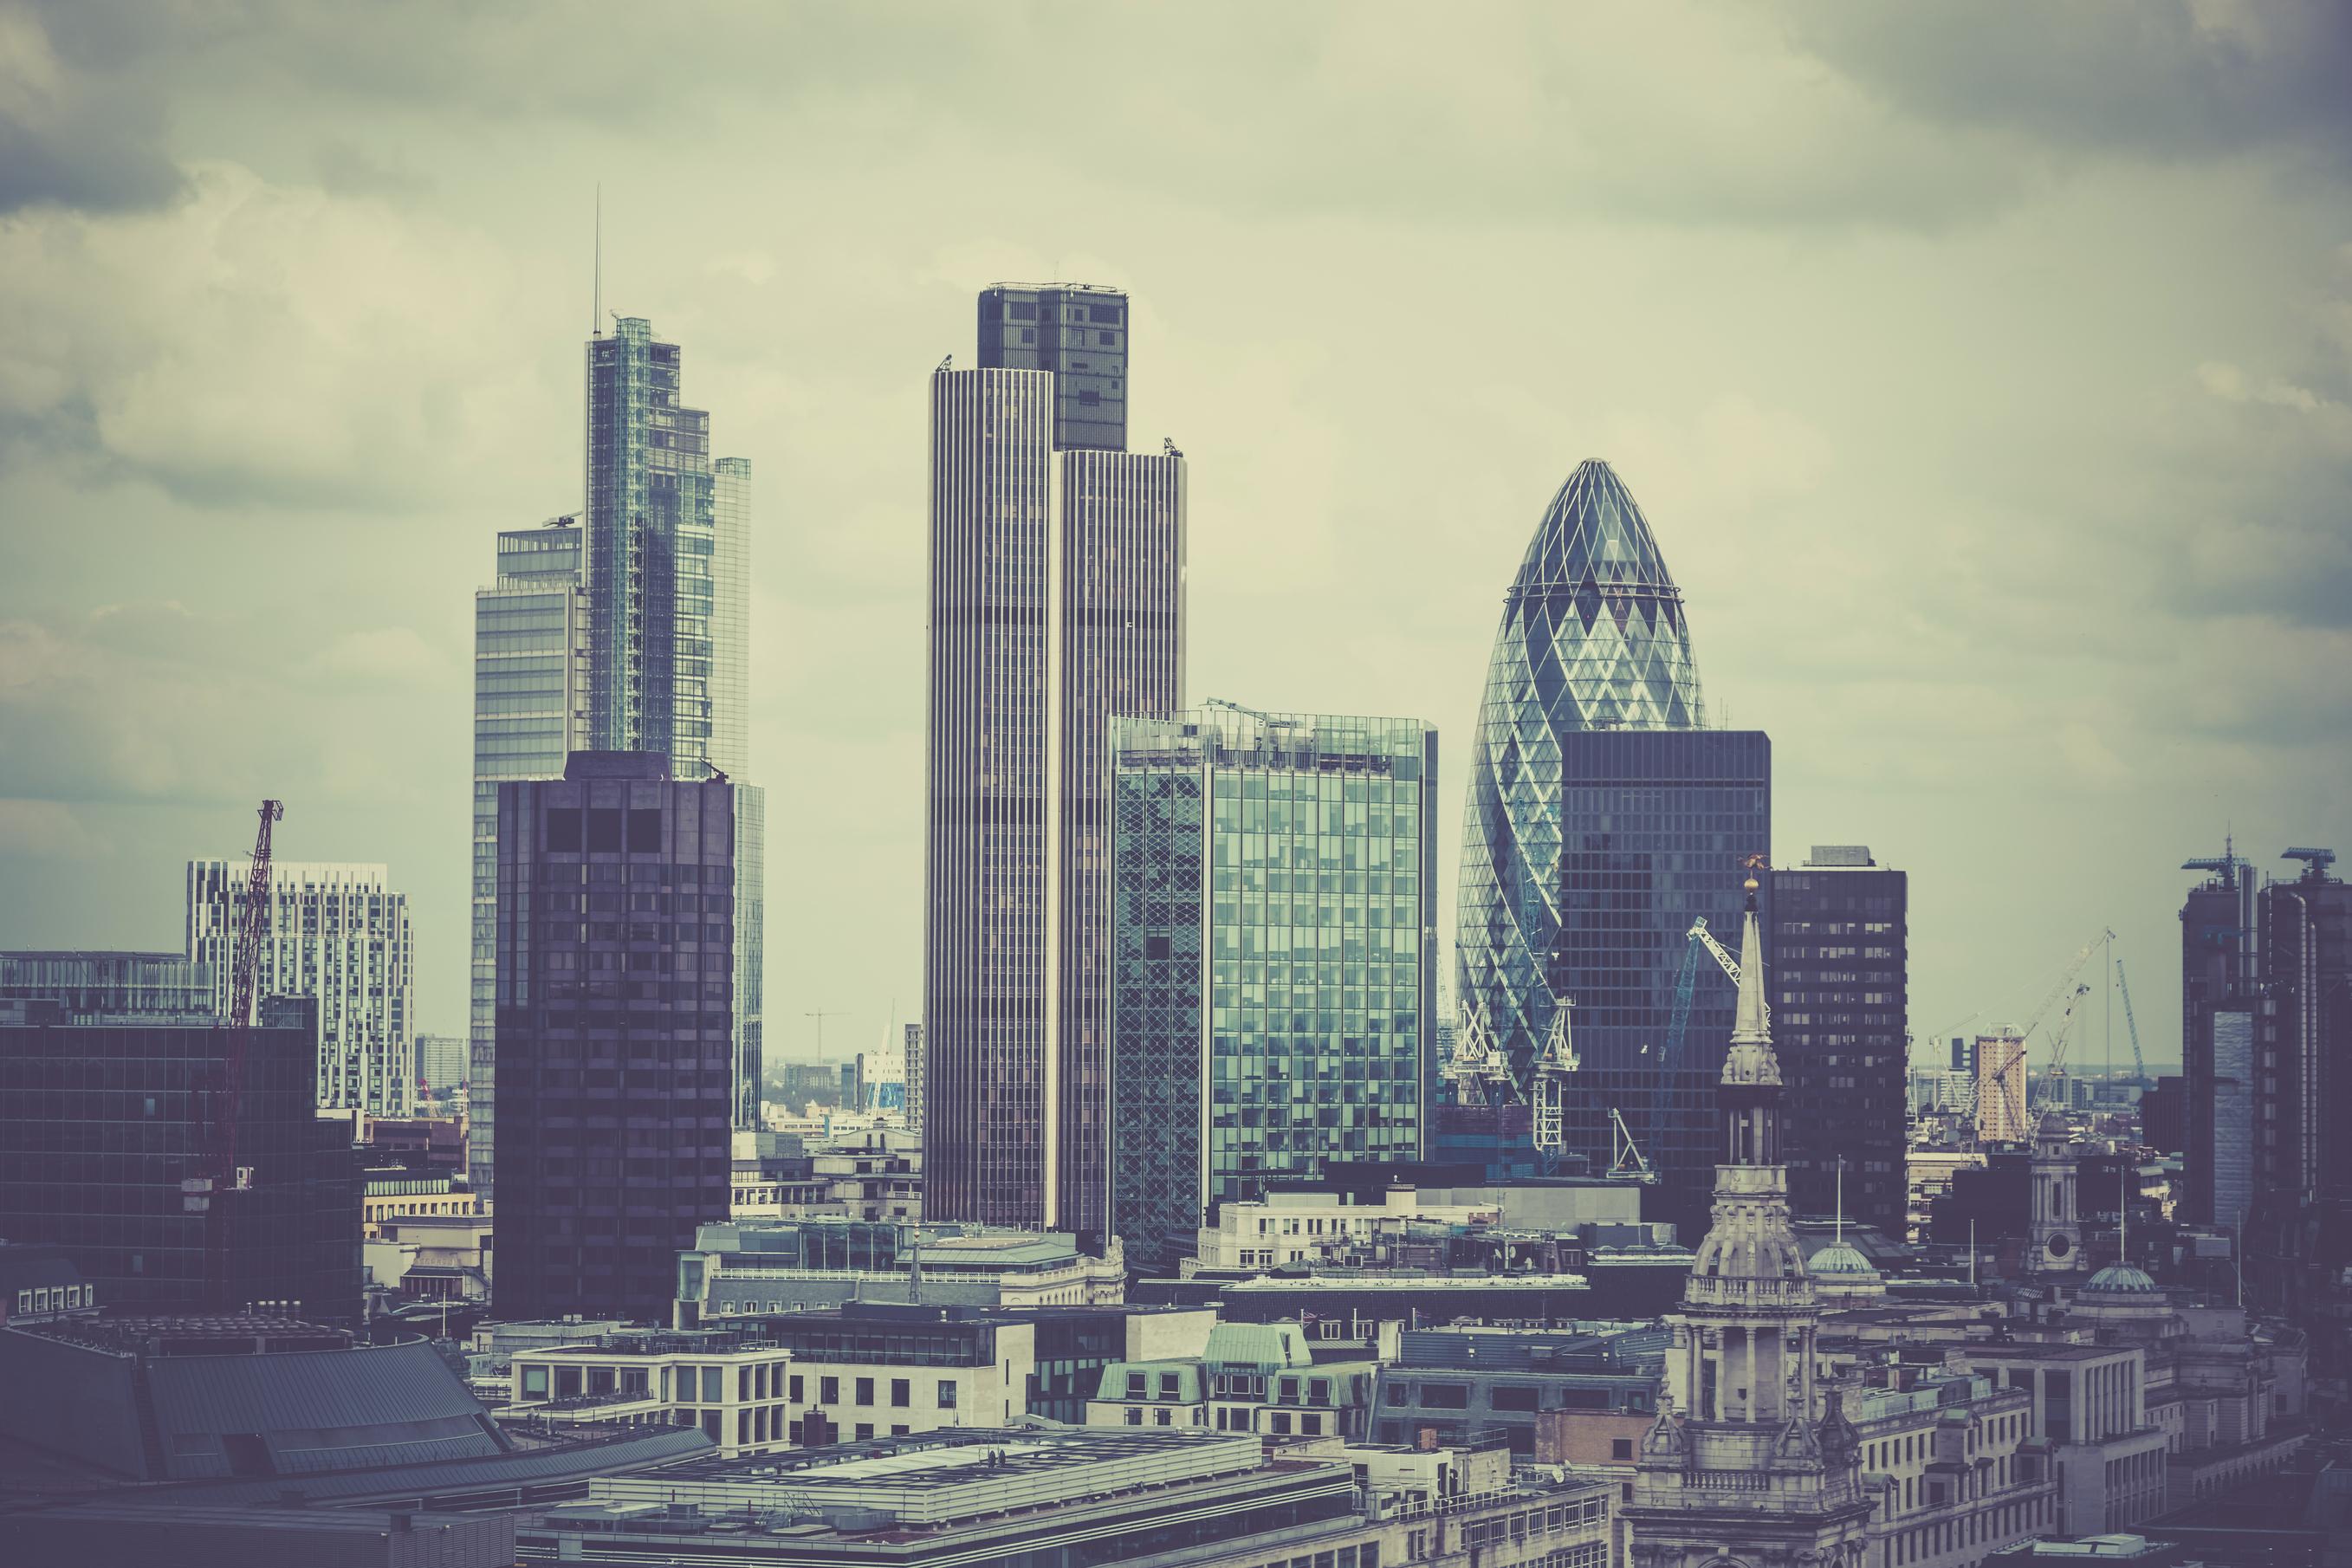 London Cityscape, United Kingdom.  Retro filter and grain added in post process.